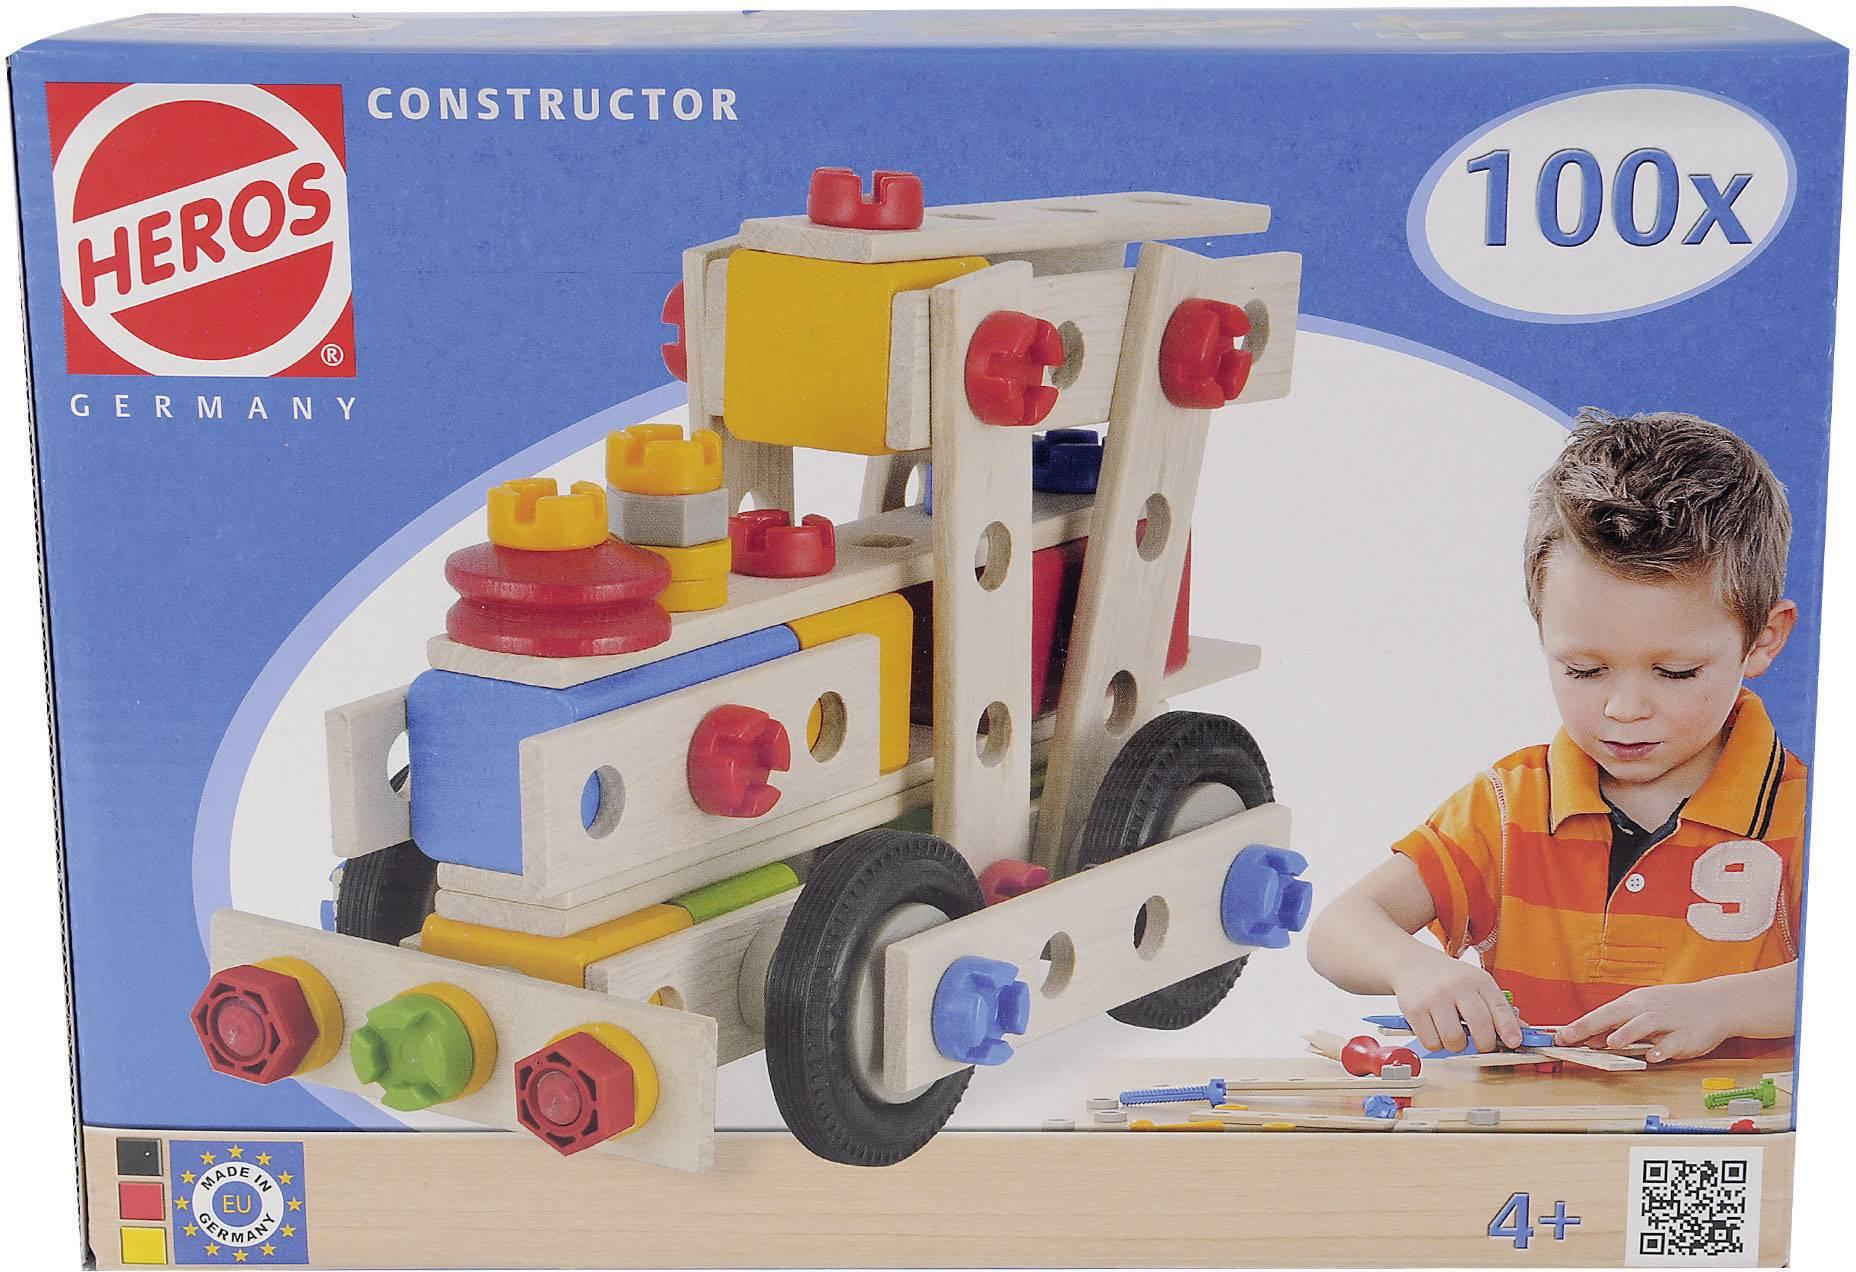 Dřevěná stavebnice Heros počet dílů: 100, počet modelů: 6, od 4 let